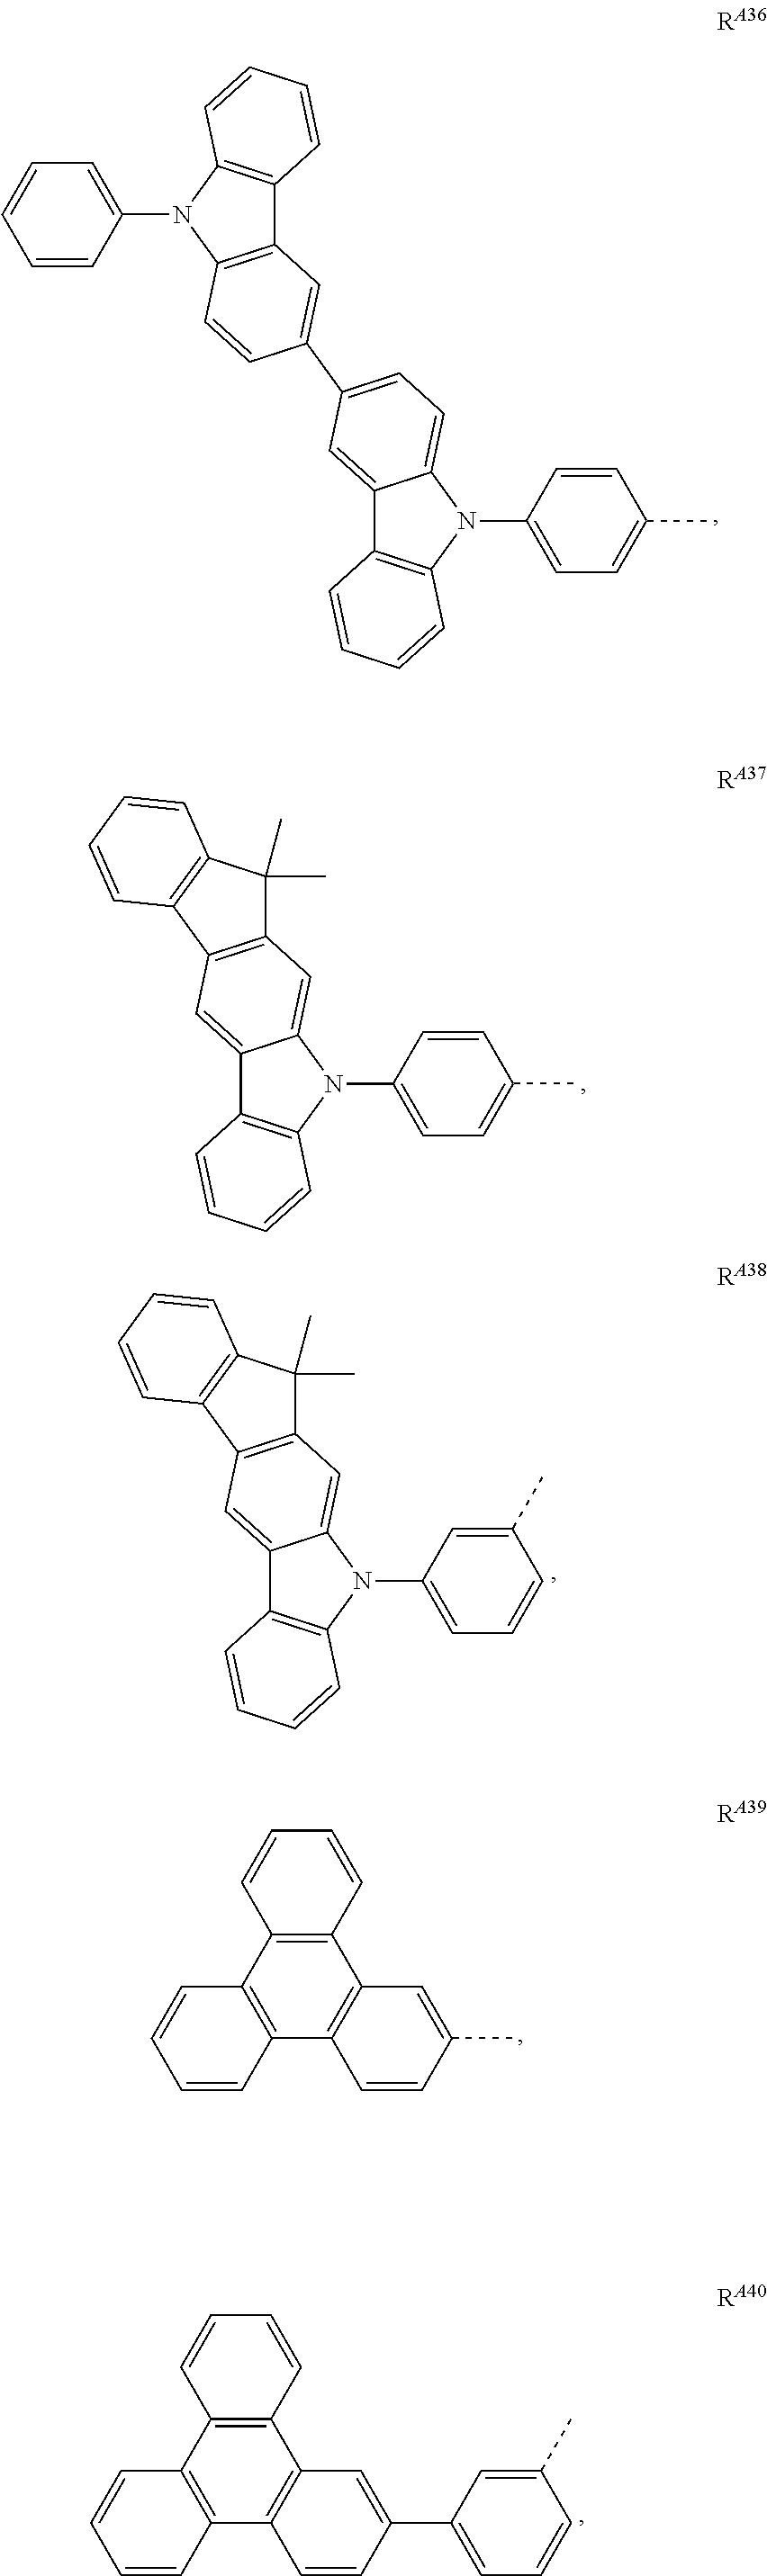 Figure US09761814-20170912-C00229